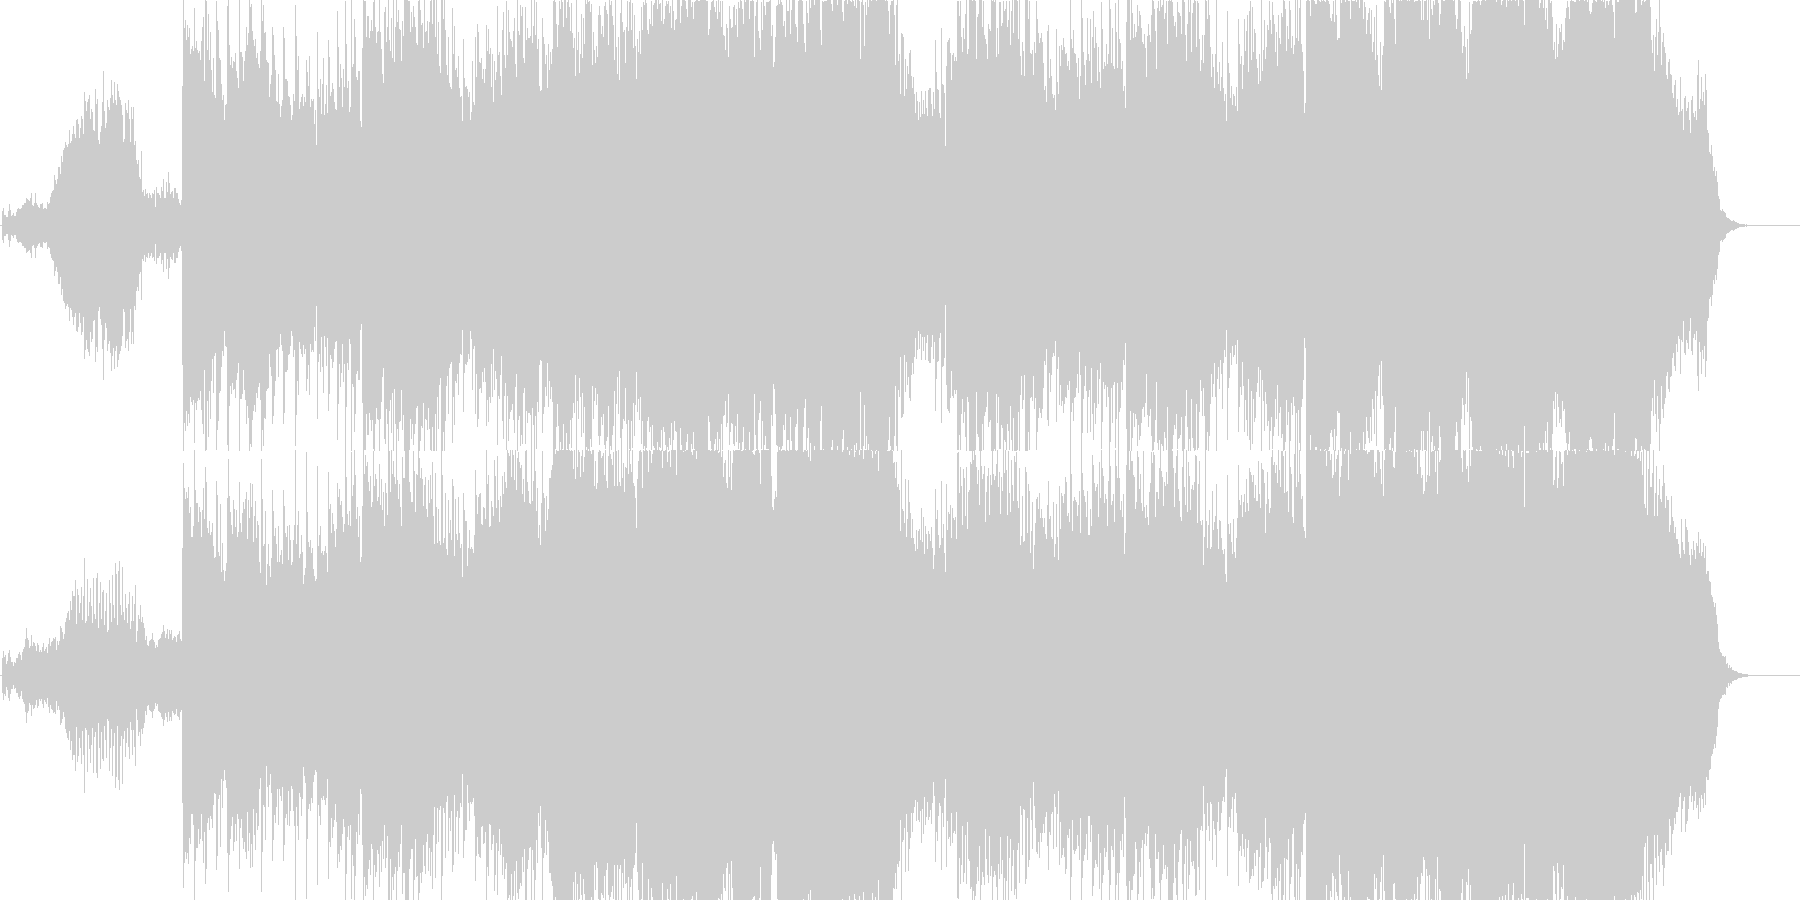 ピンクフロイド風の物悲しいBGMの未再生の波形